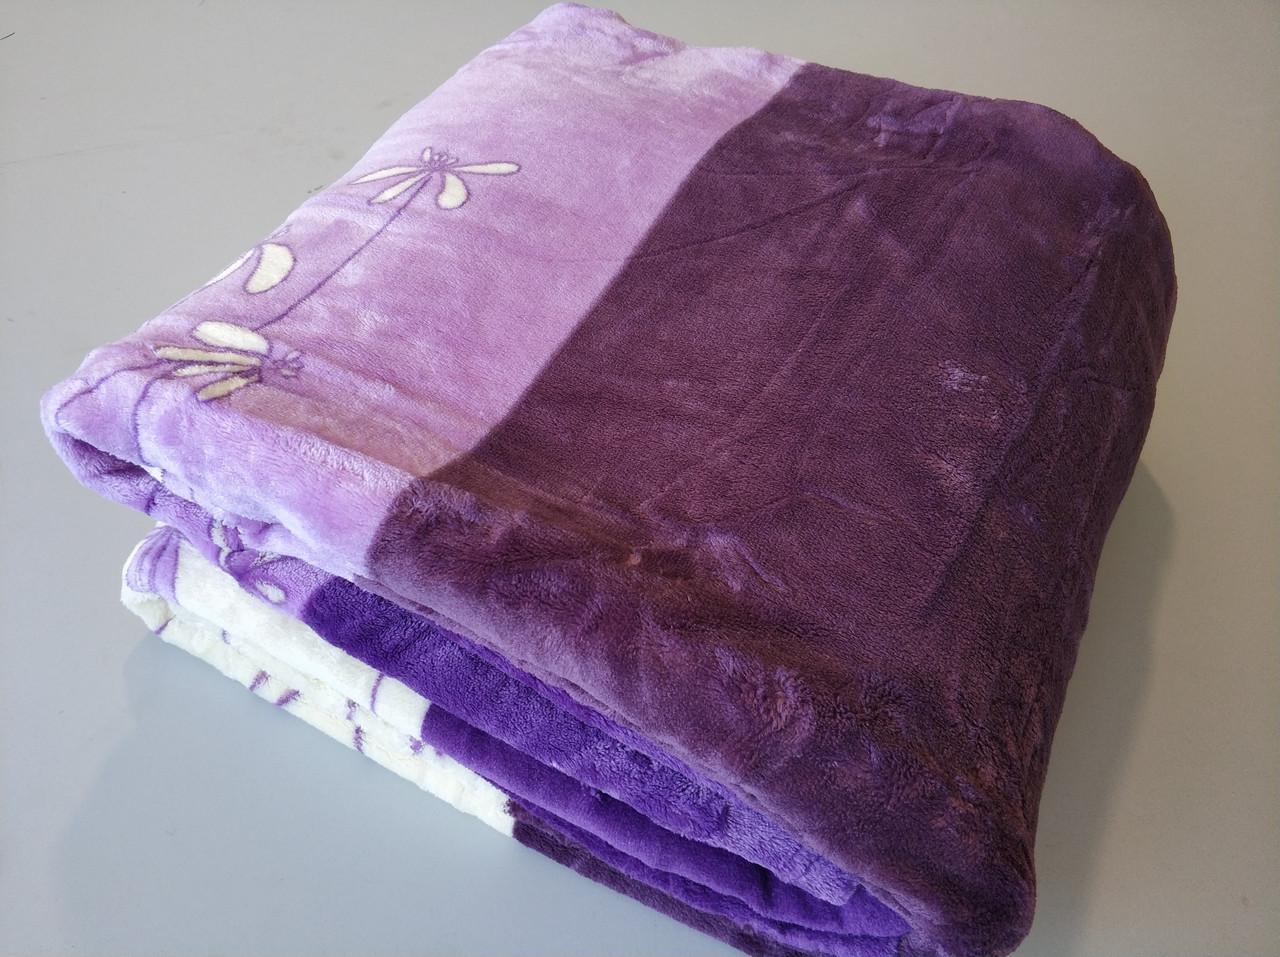 Микрофибровая простынь, плед, покрывало Elway полуторное Фиалка фиолетовая